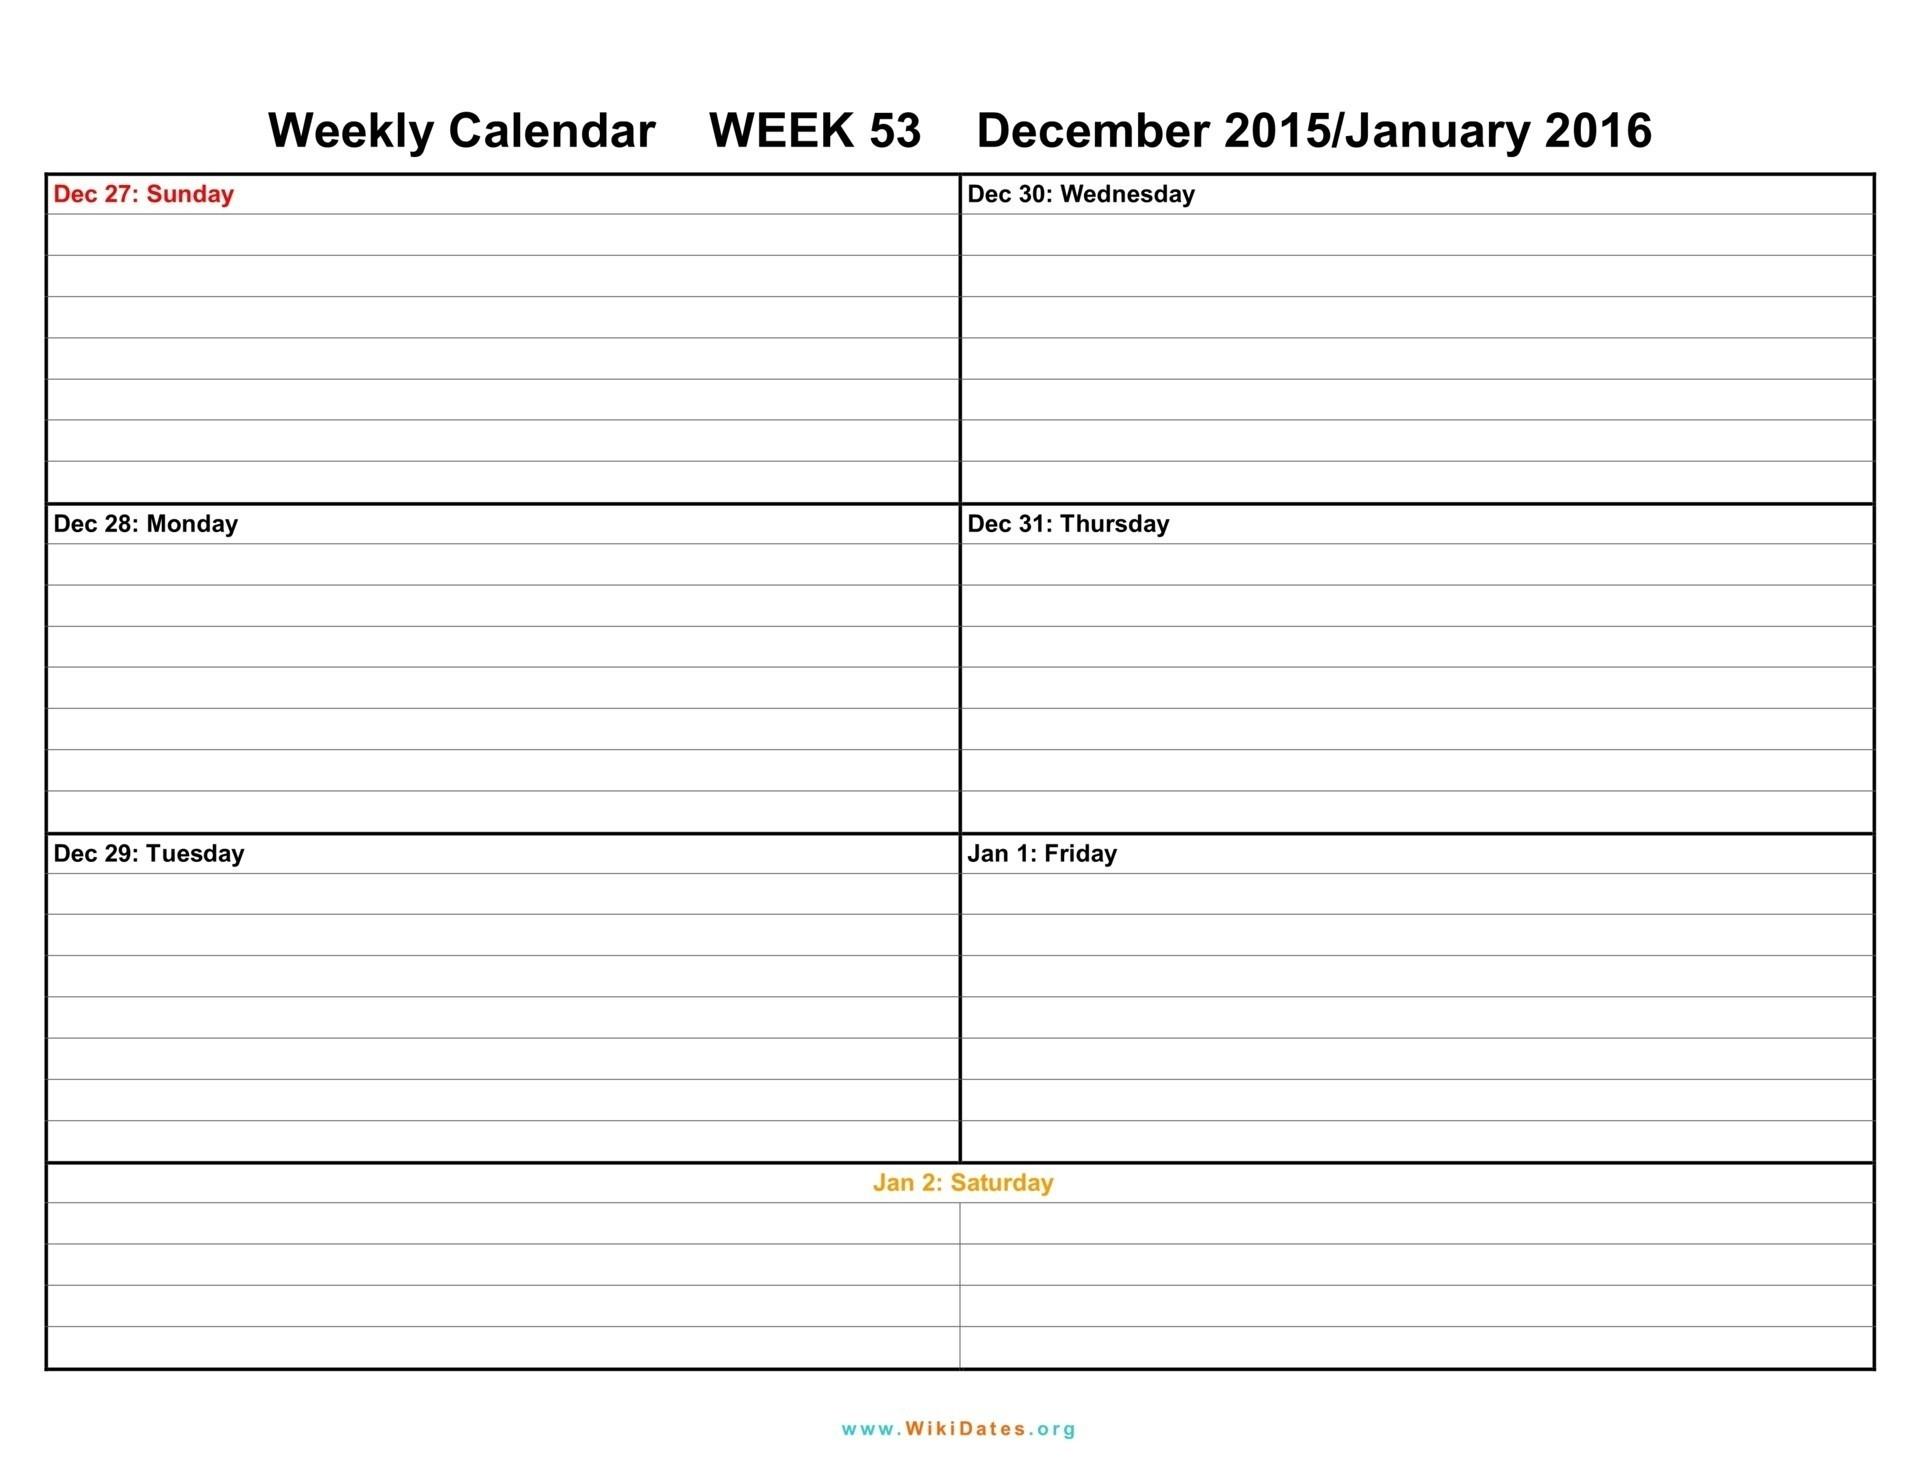 Printable Weekly Calendar Two Week Template Weeks Blank